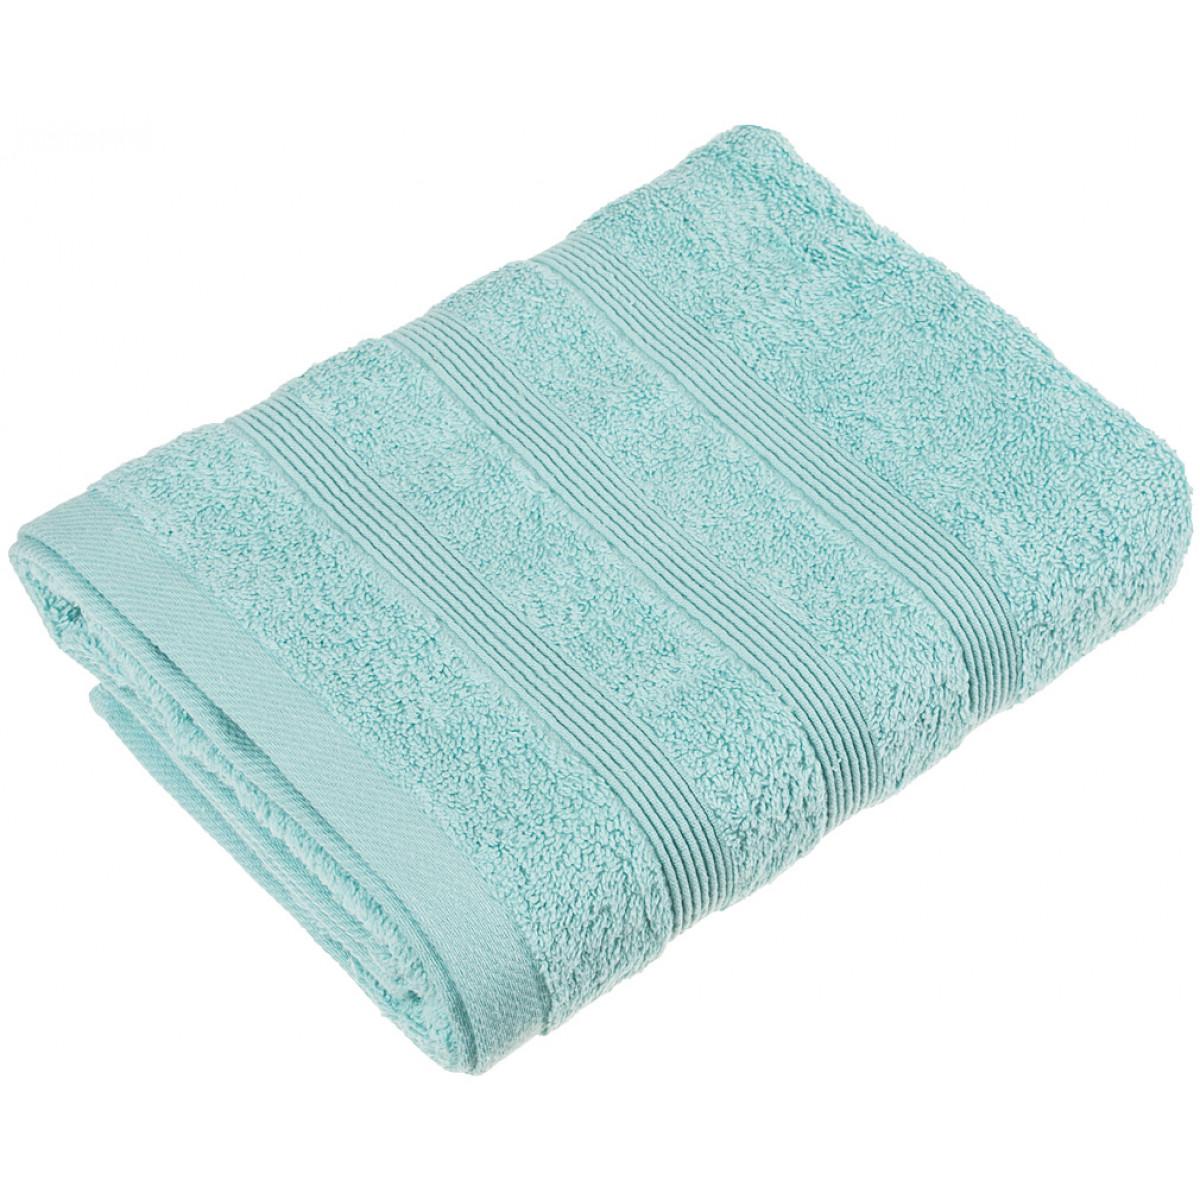 Полотенца Santalino Полотенце Kirstine  (50х90 см) василиса полотенце зигзаг артишок 50х90 см